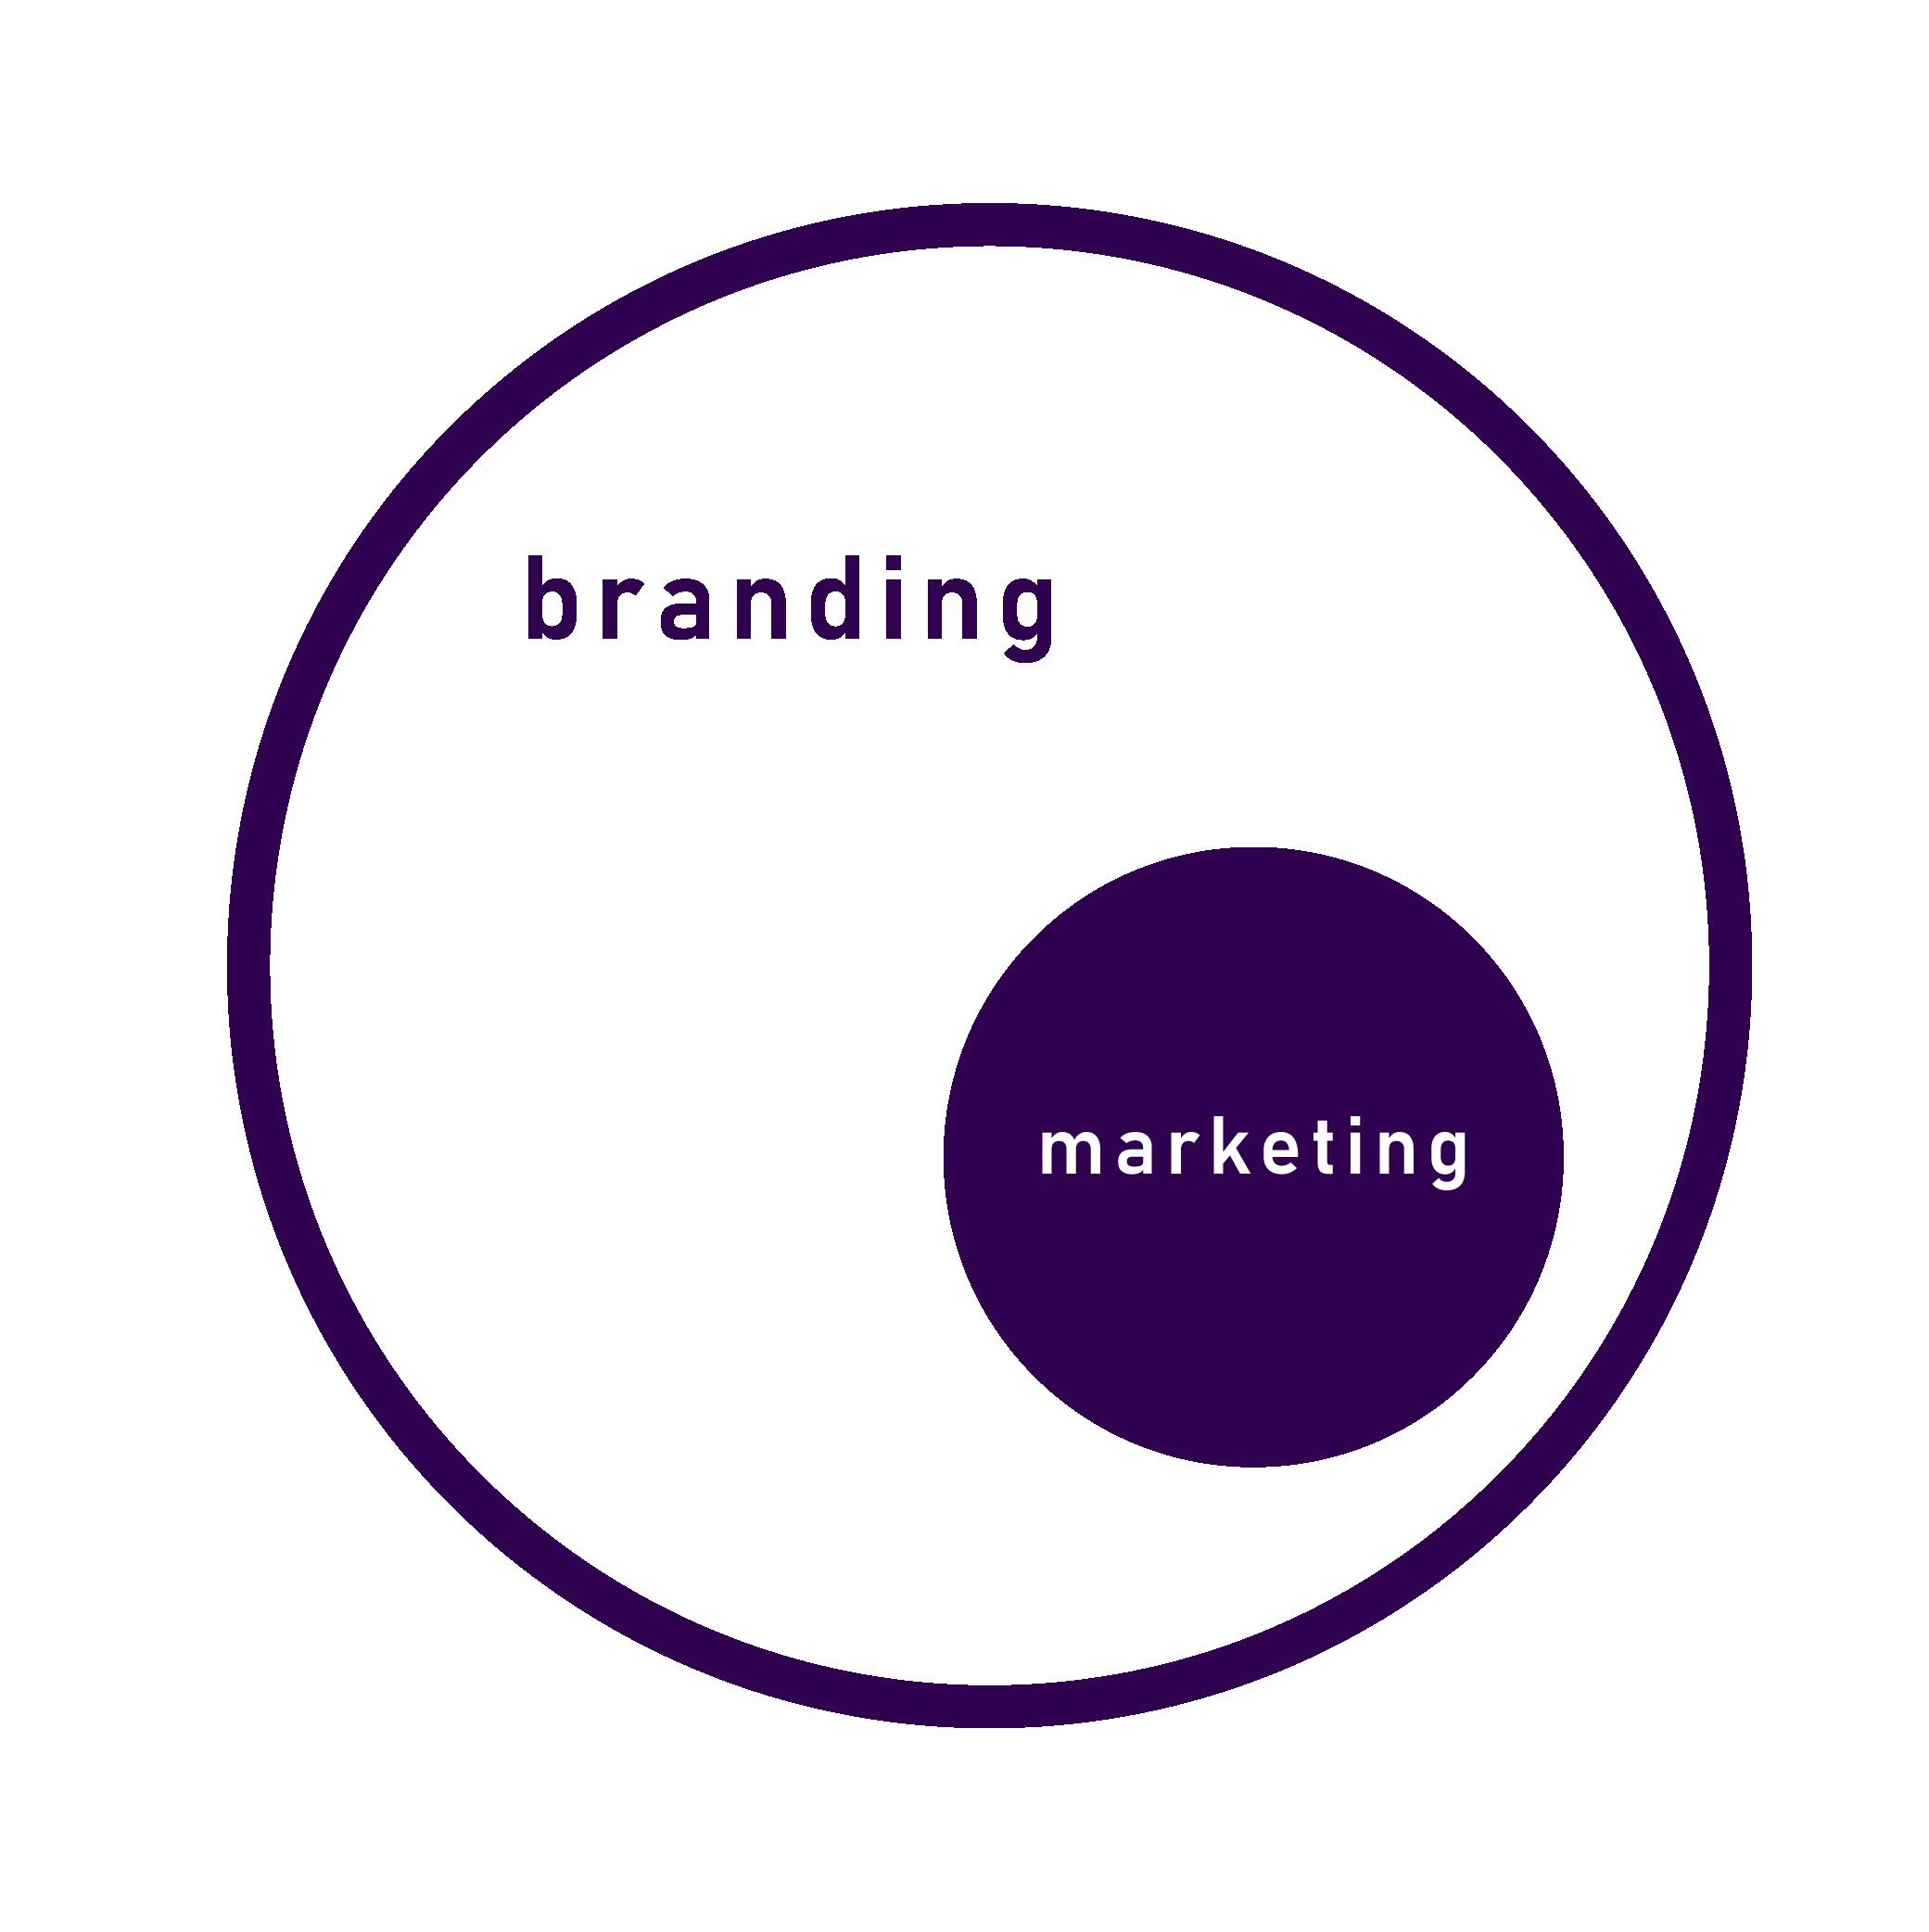 branding vs marketing diagram